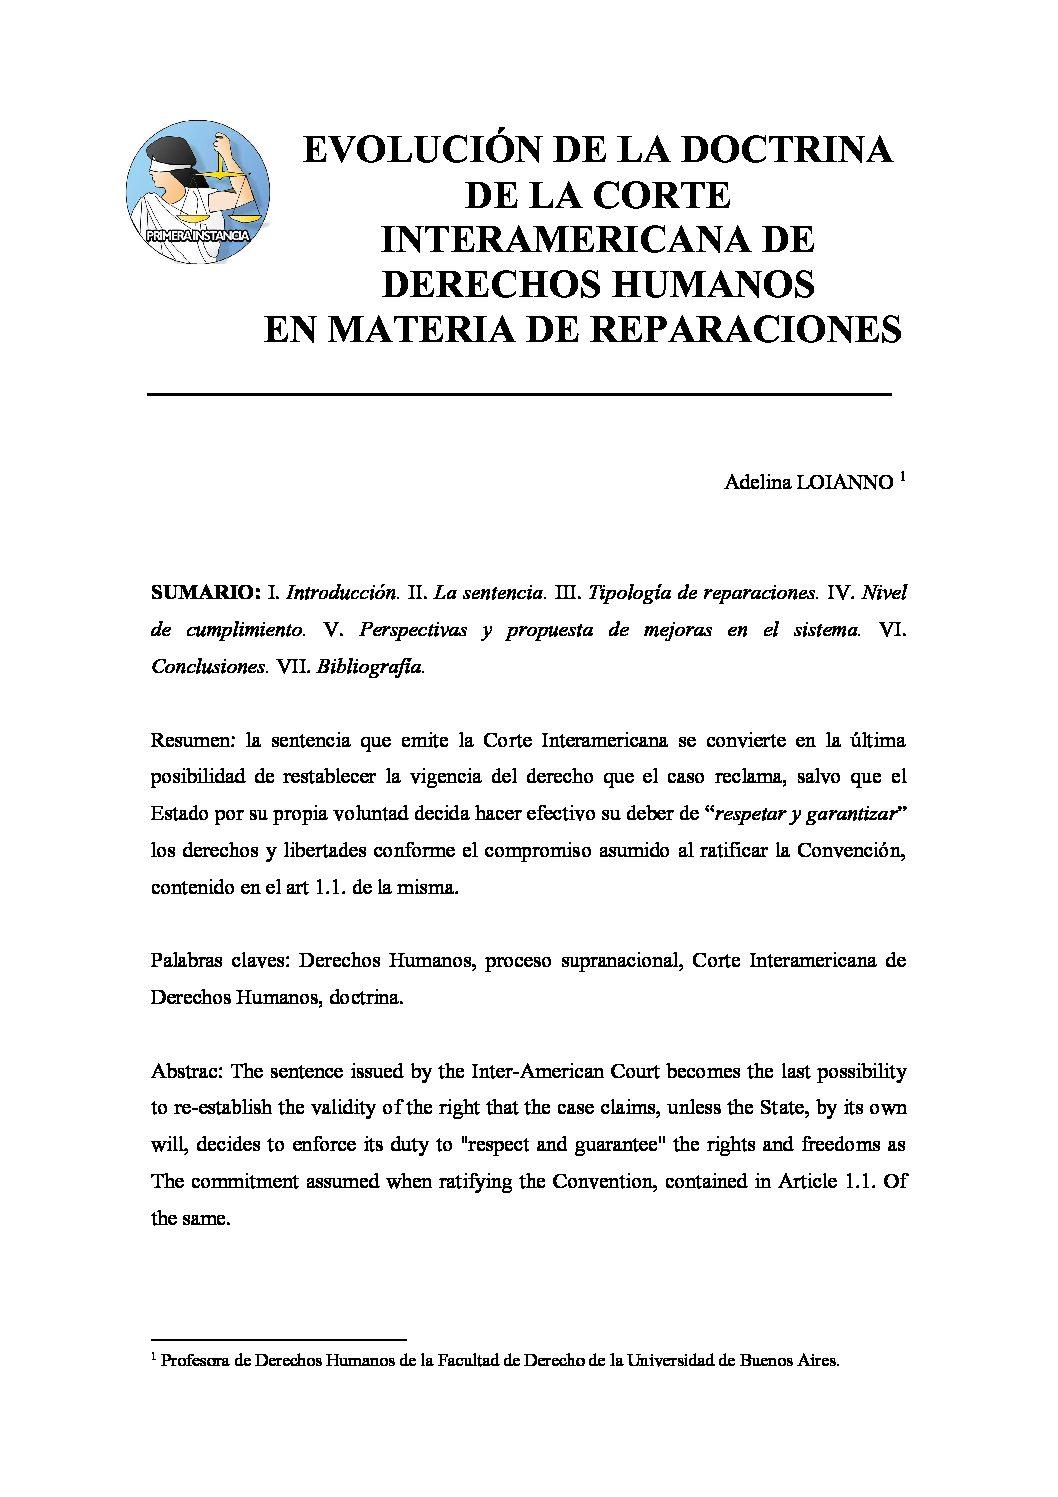 EVOLUCIÓN DE LA DOCTRINA DE LA CORTE INTERAMERICANA DE DERECHOS HUMANOS EN MATERIA DE REPARACIONES, Adelina Loianno